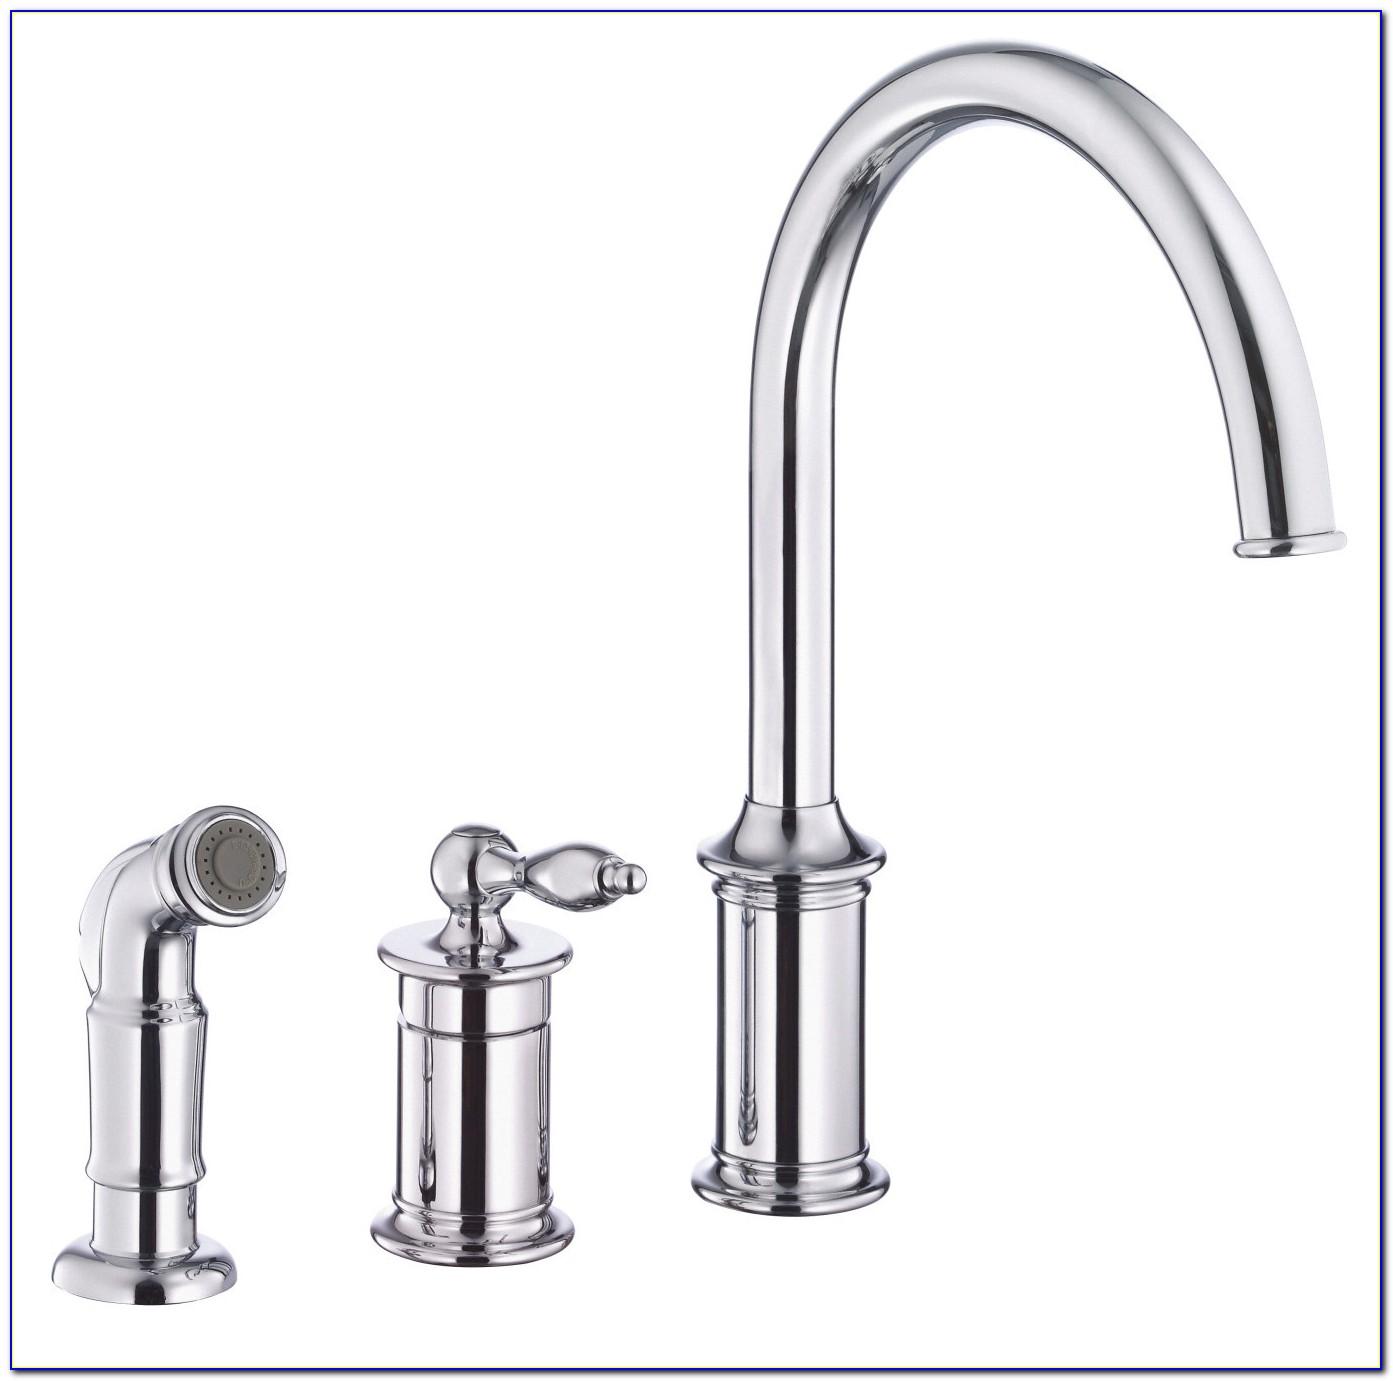 4 Piece Kitchen Faucet Set